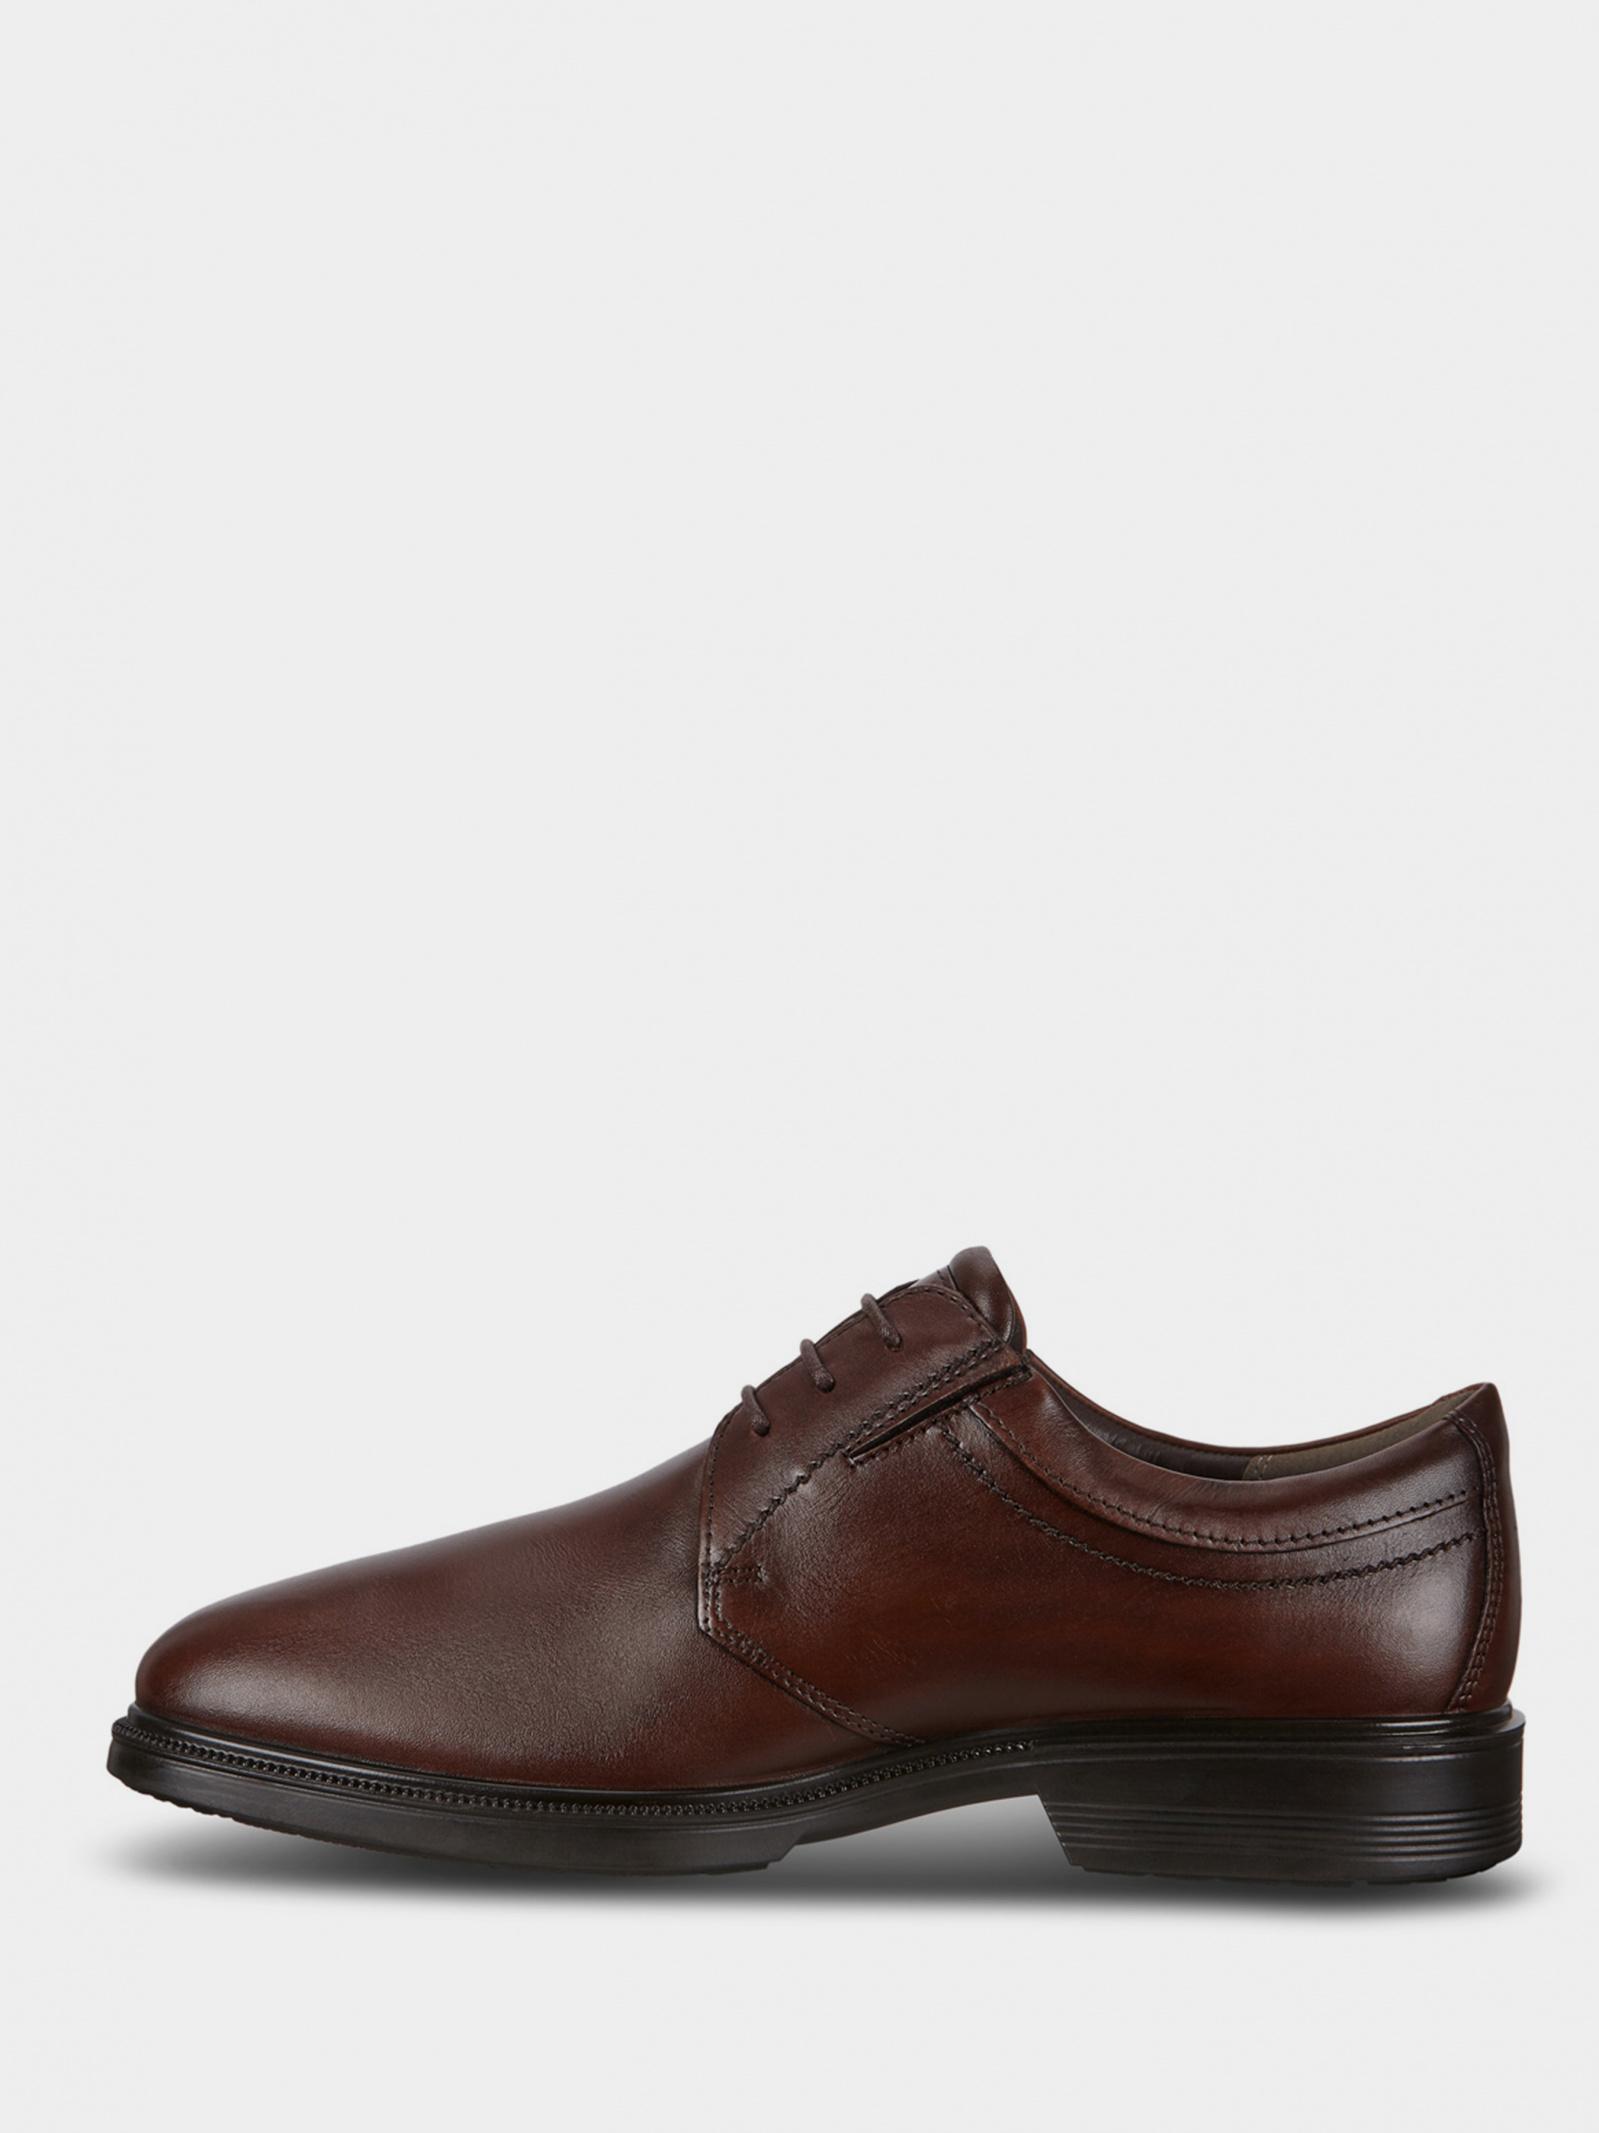 Туфлі  для чоловіків ECCO 62219401014 модне взуття, 2017